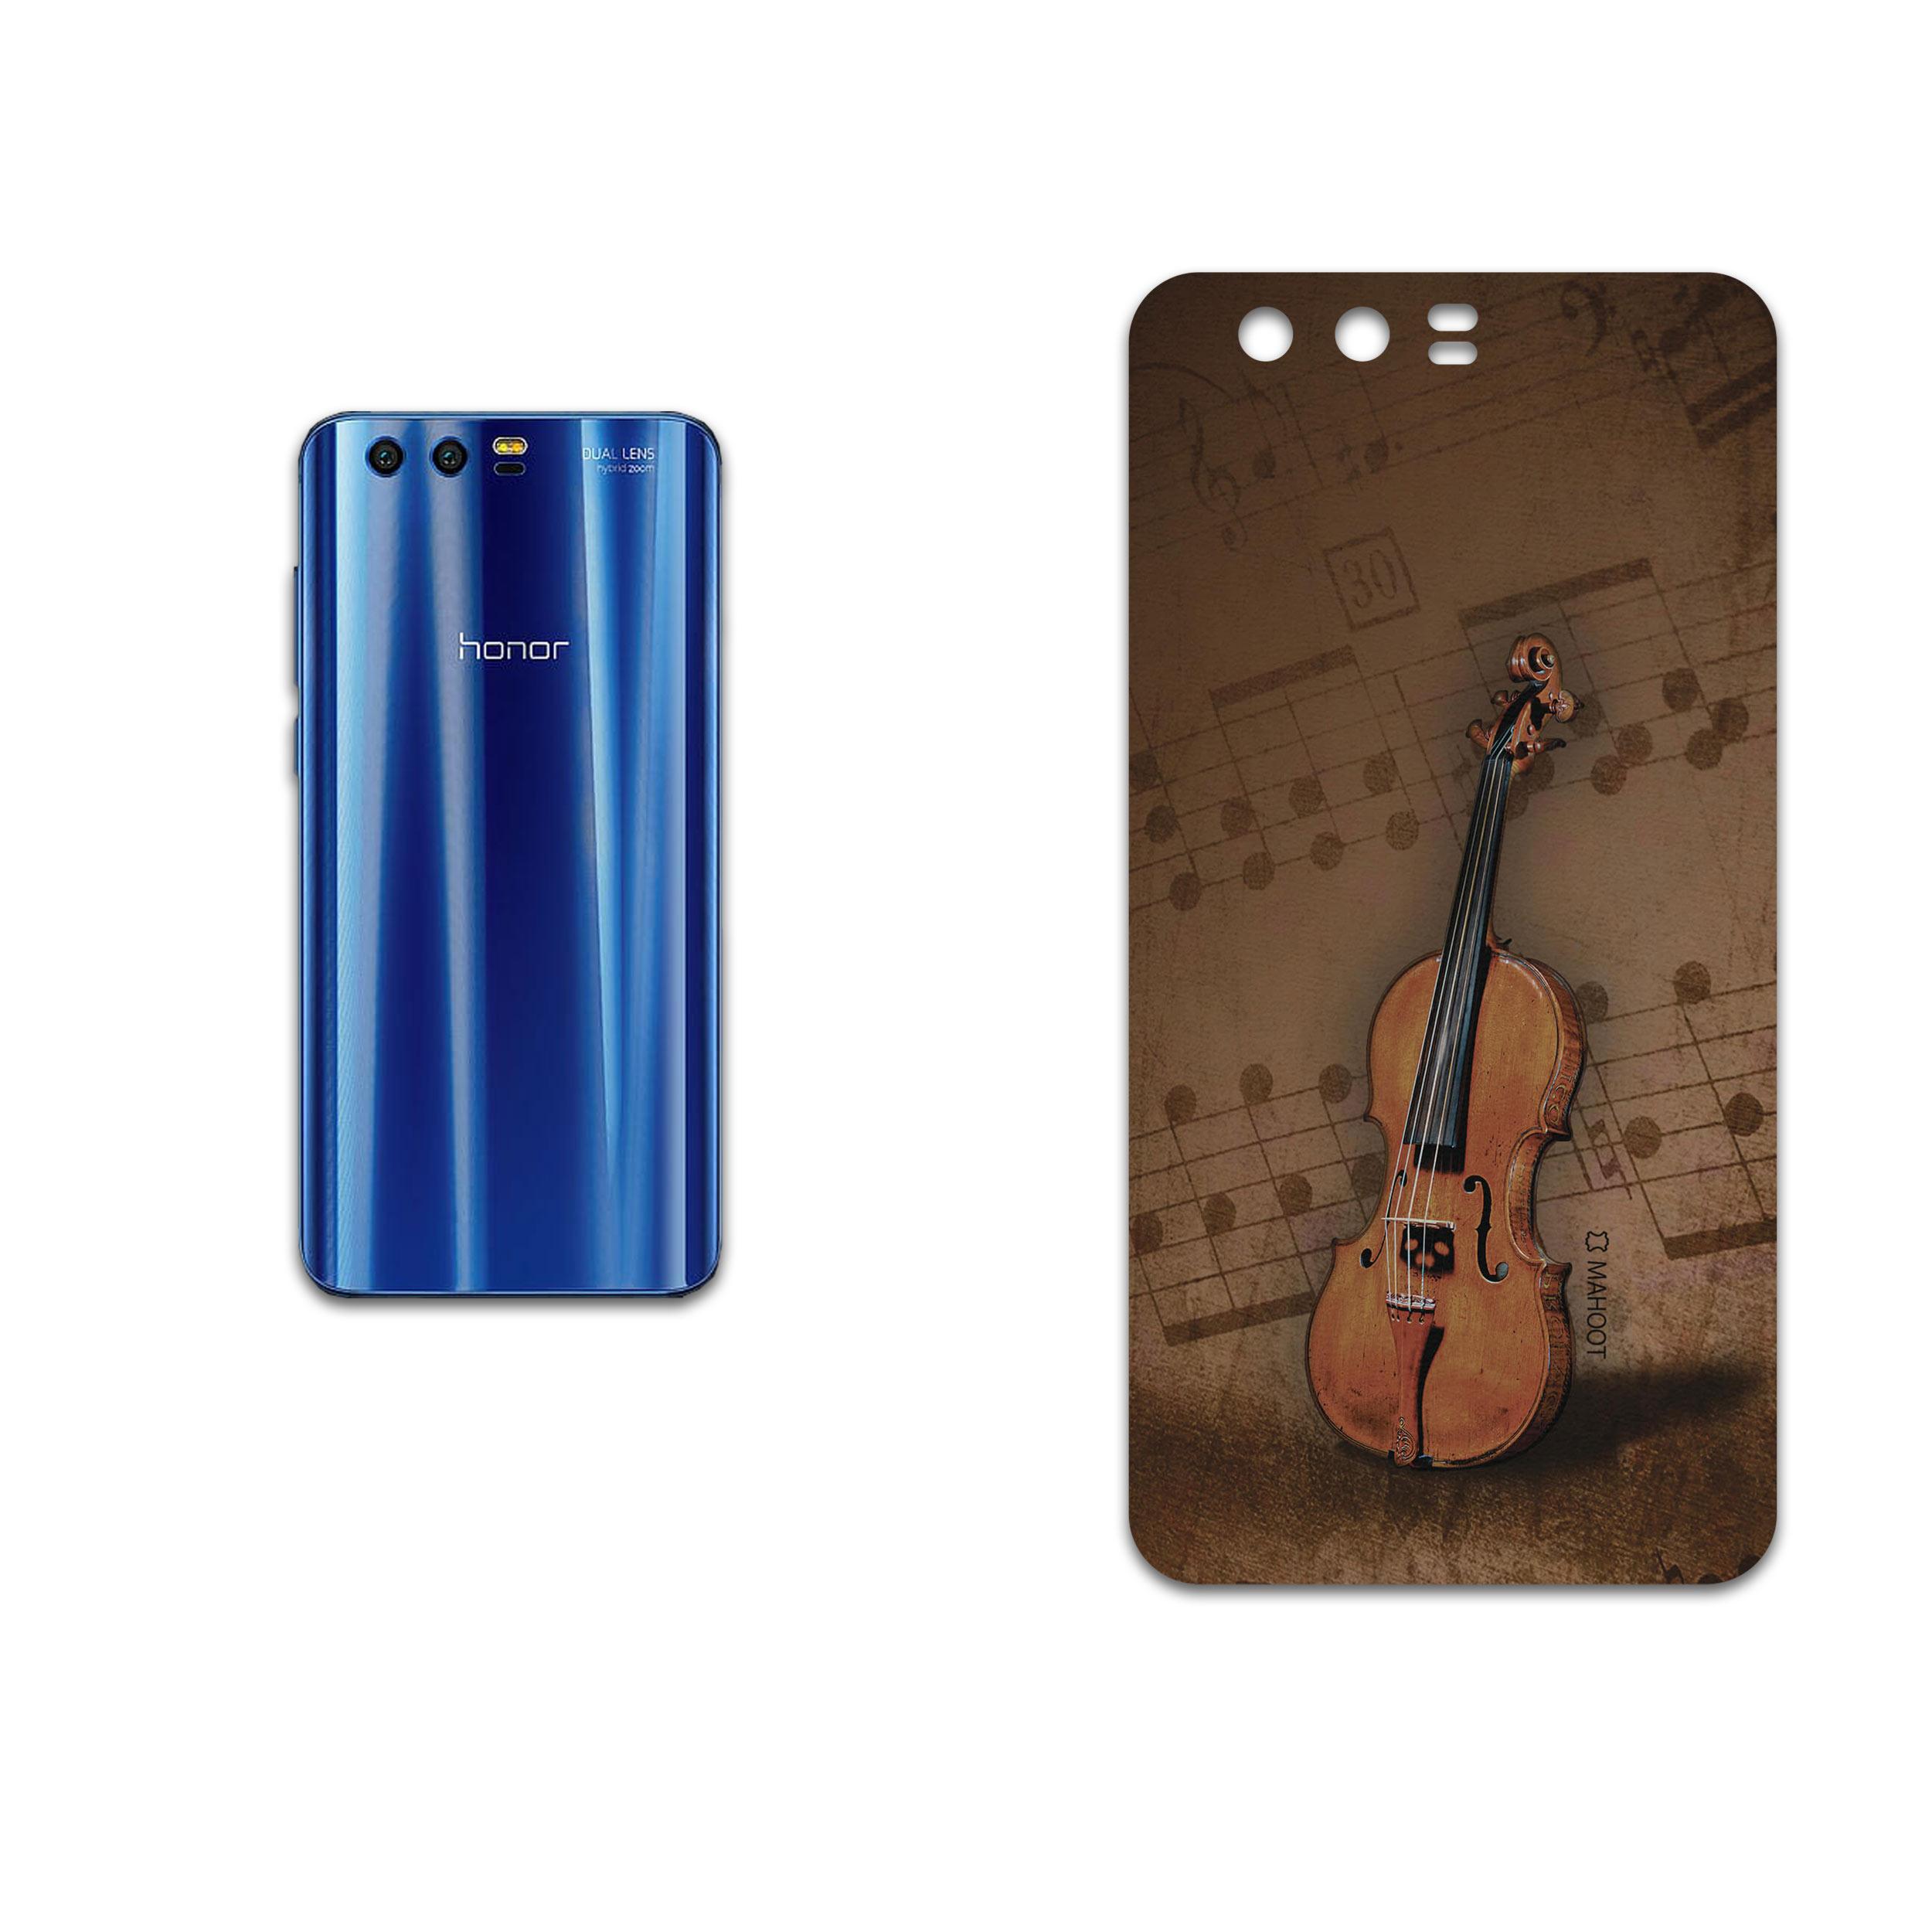 برچسب پوششی ماهوت مدل Violin-Instrument مناسب برای گوشی موبایل آنر 9 thumb 2 1